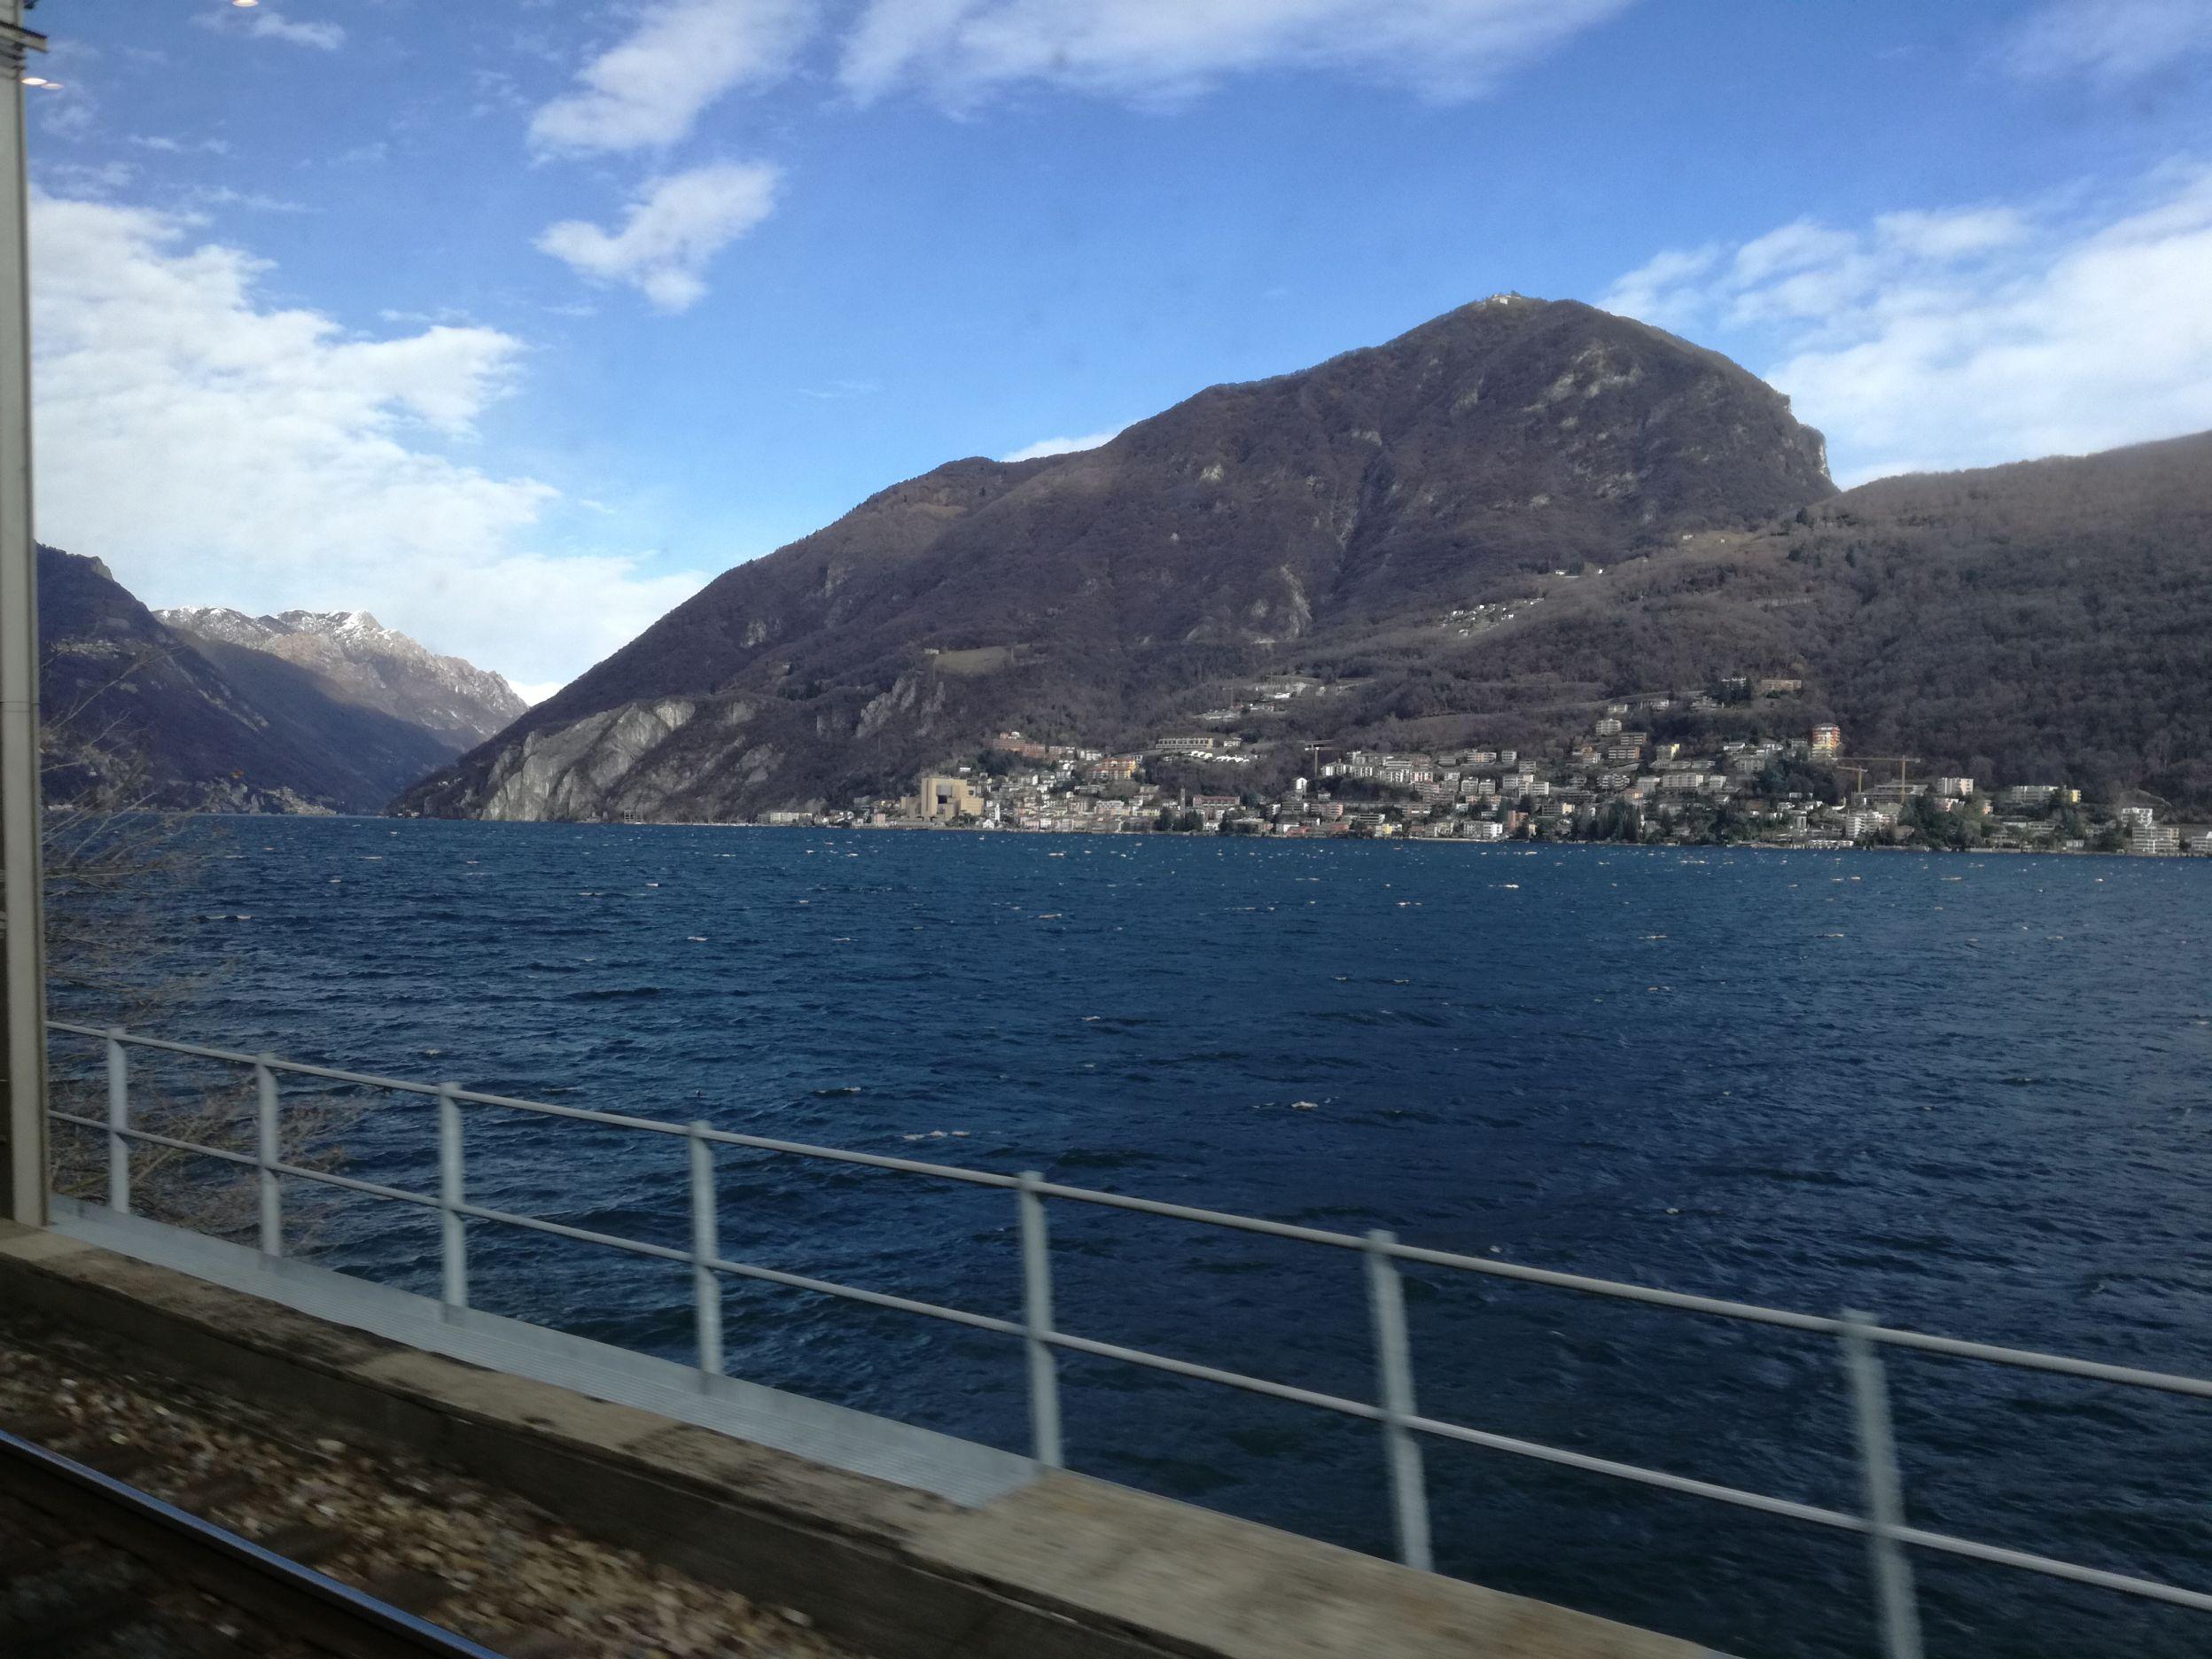 Campione d'Italia a vonatból